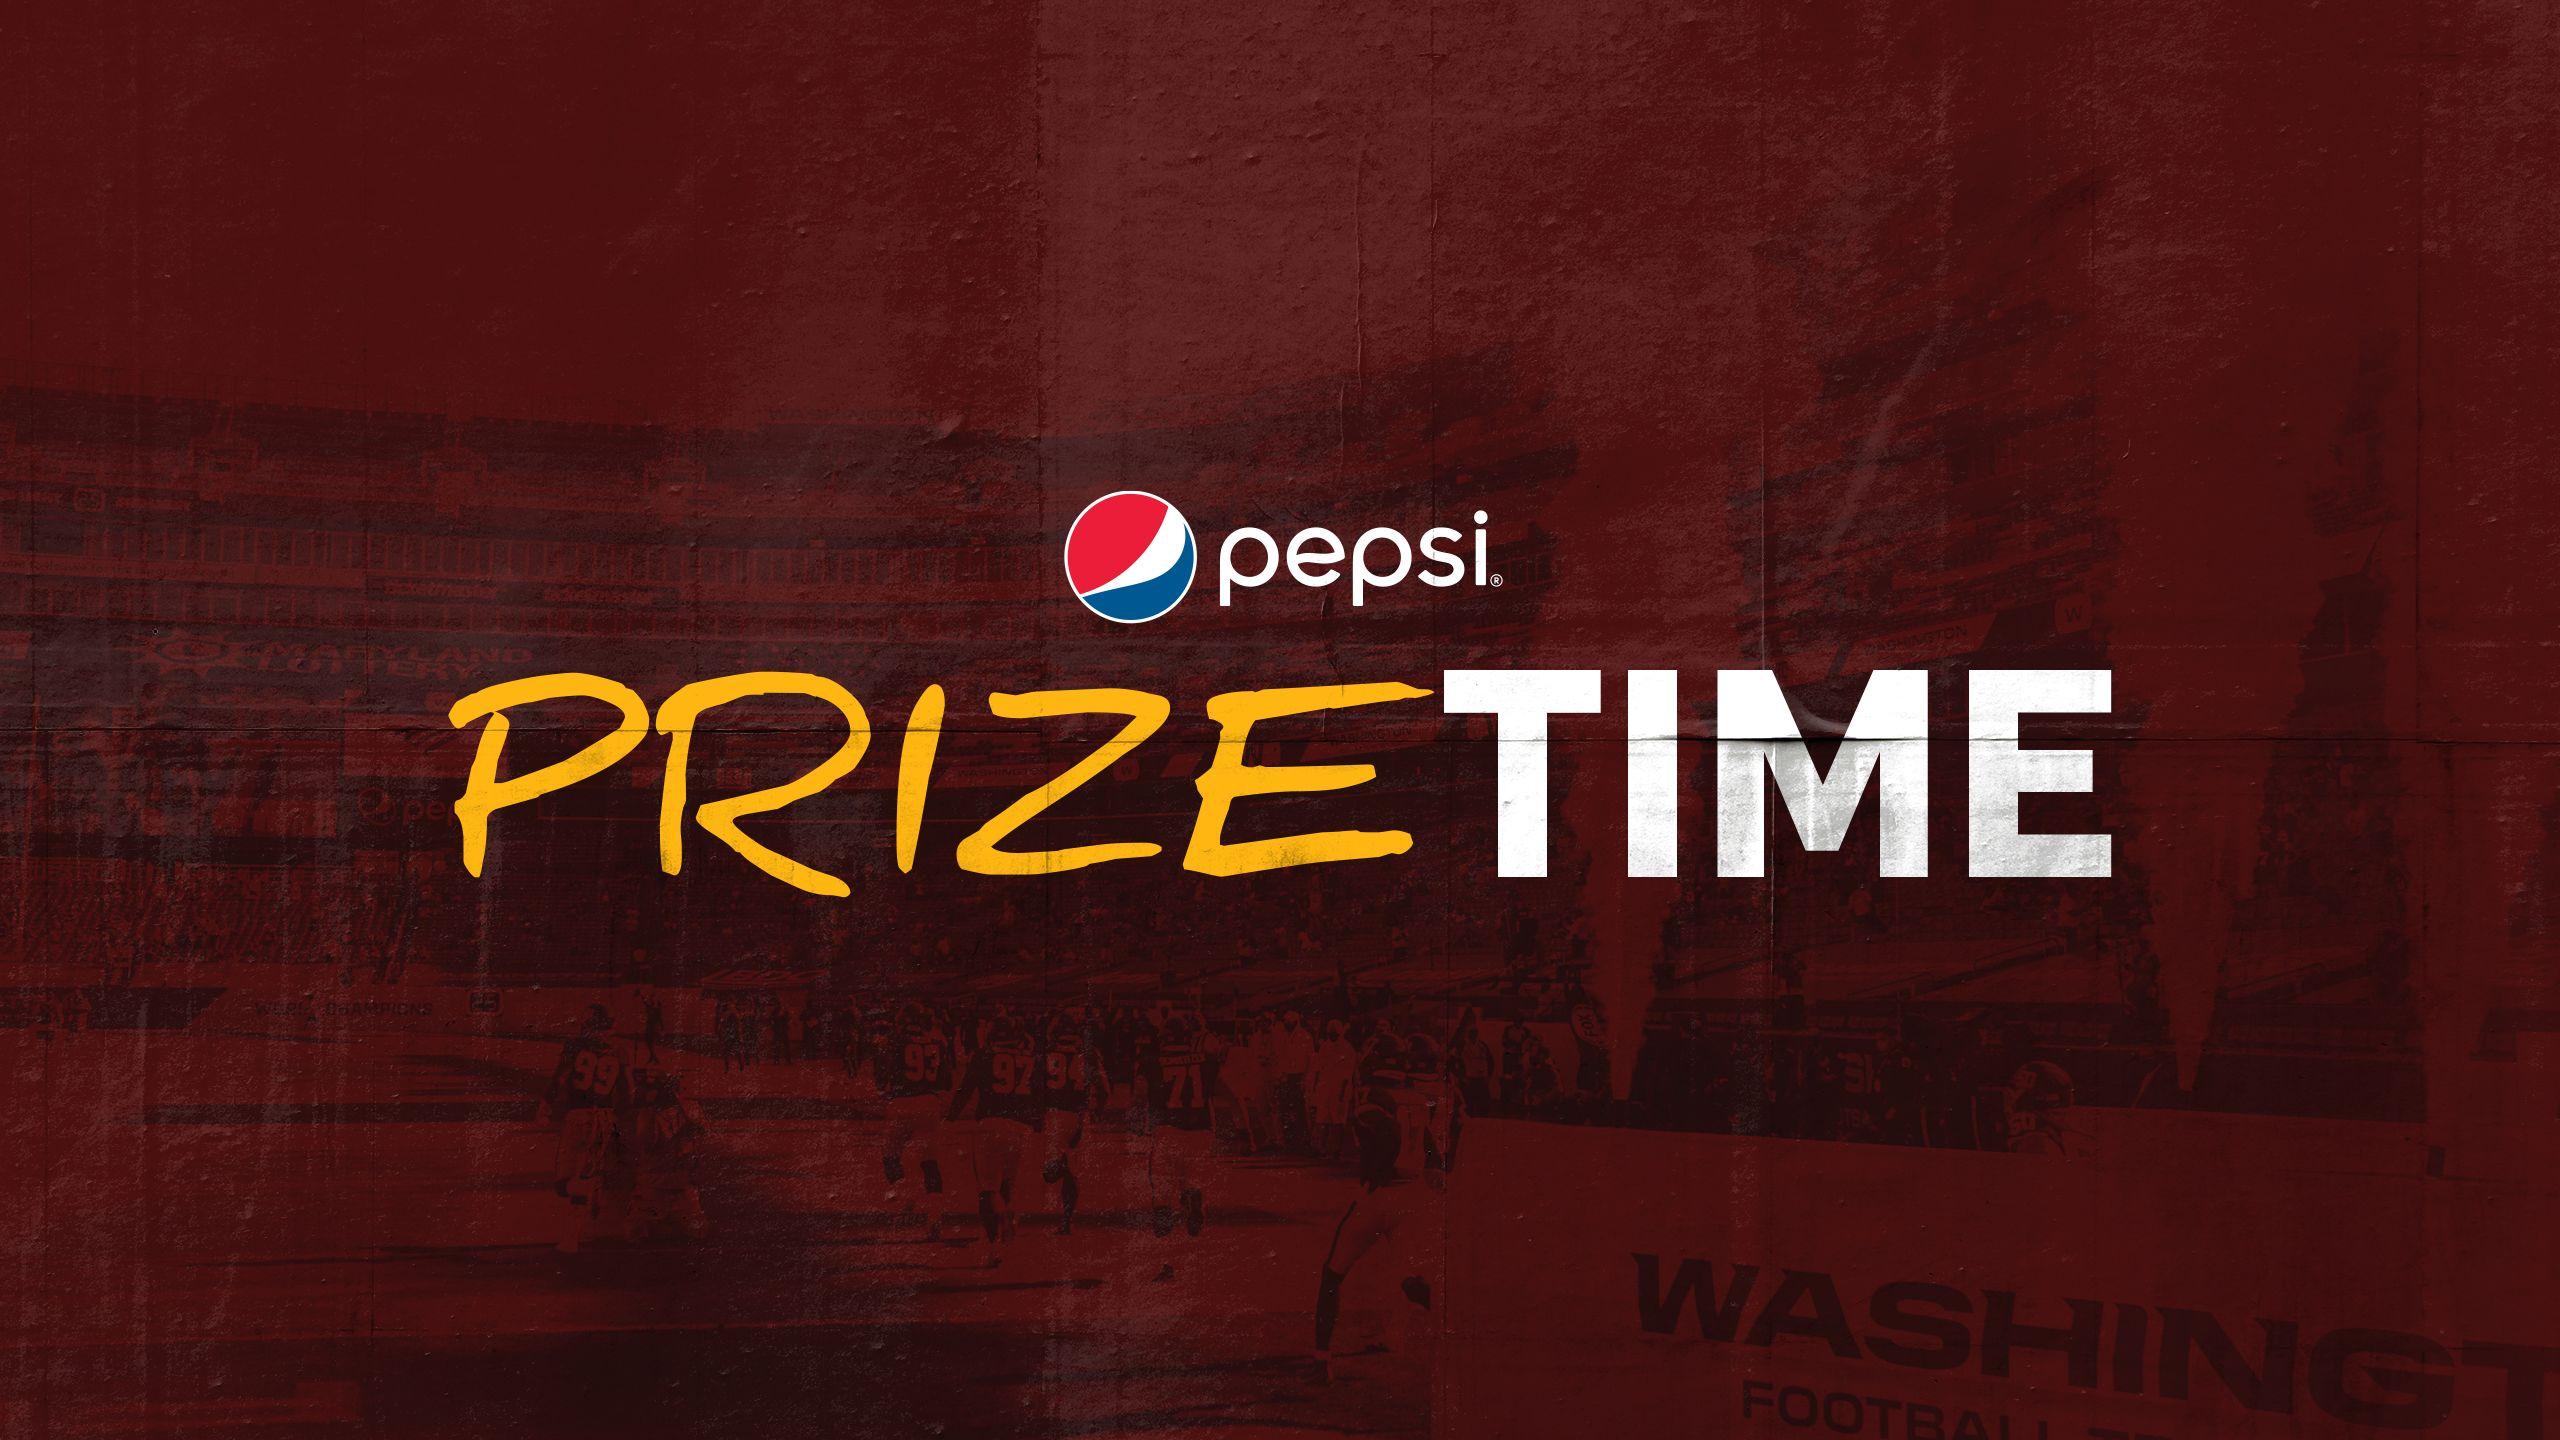 PrizeTime_SegmentTitle+Pepsi_16x9